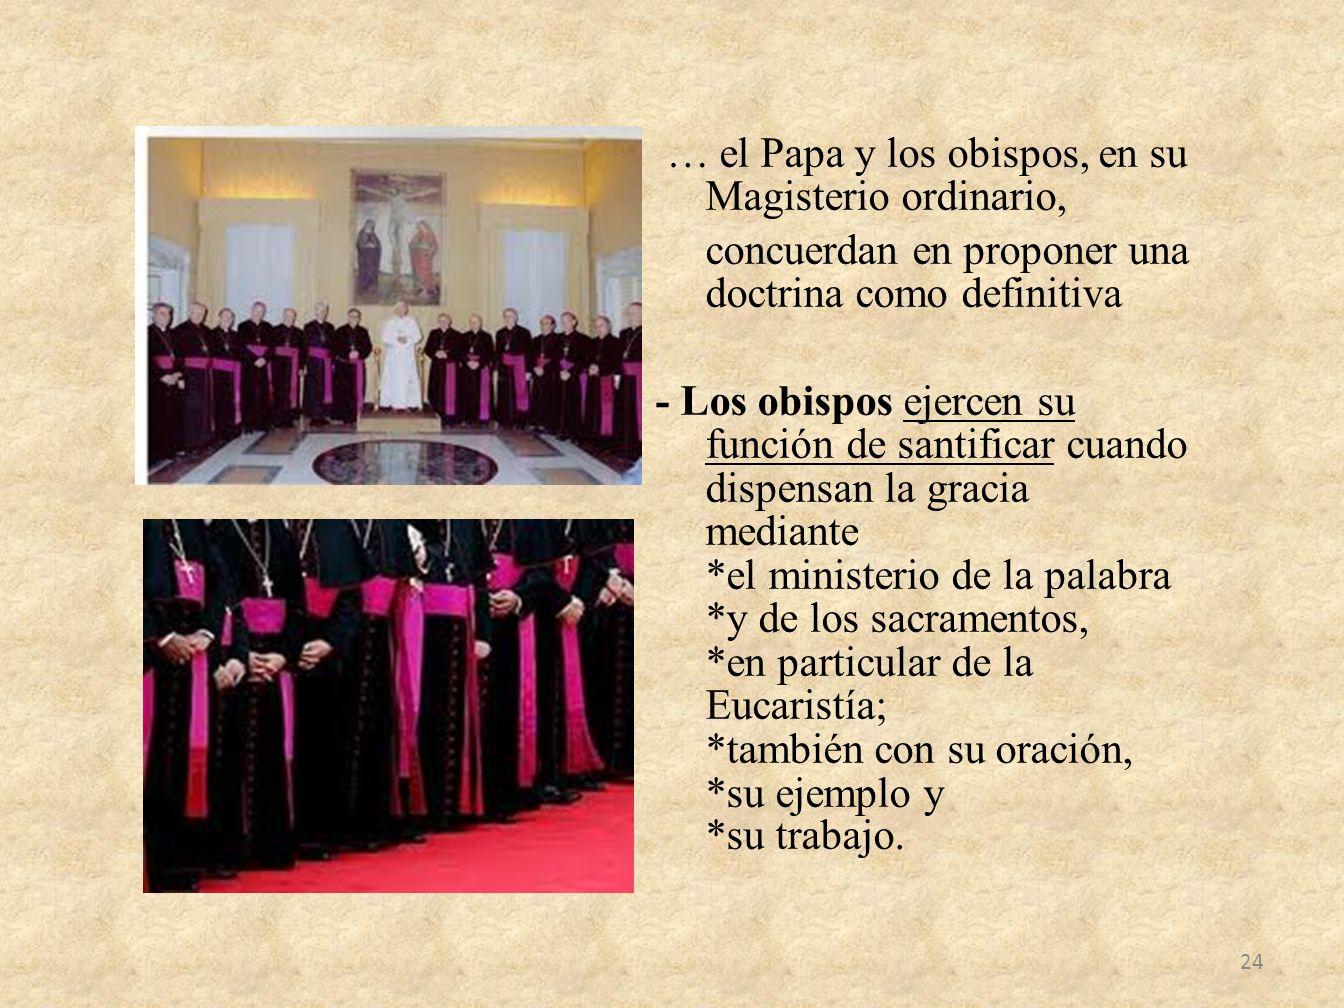 … el Papa y los obispos, en su Magisterio ordinario, concuerdan en proponer una doctrina como definitiva - Los obispos ejercen su función de santifica